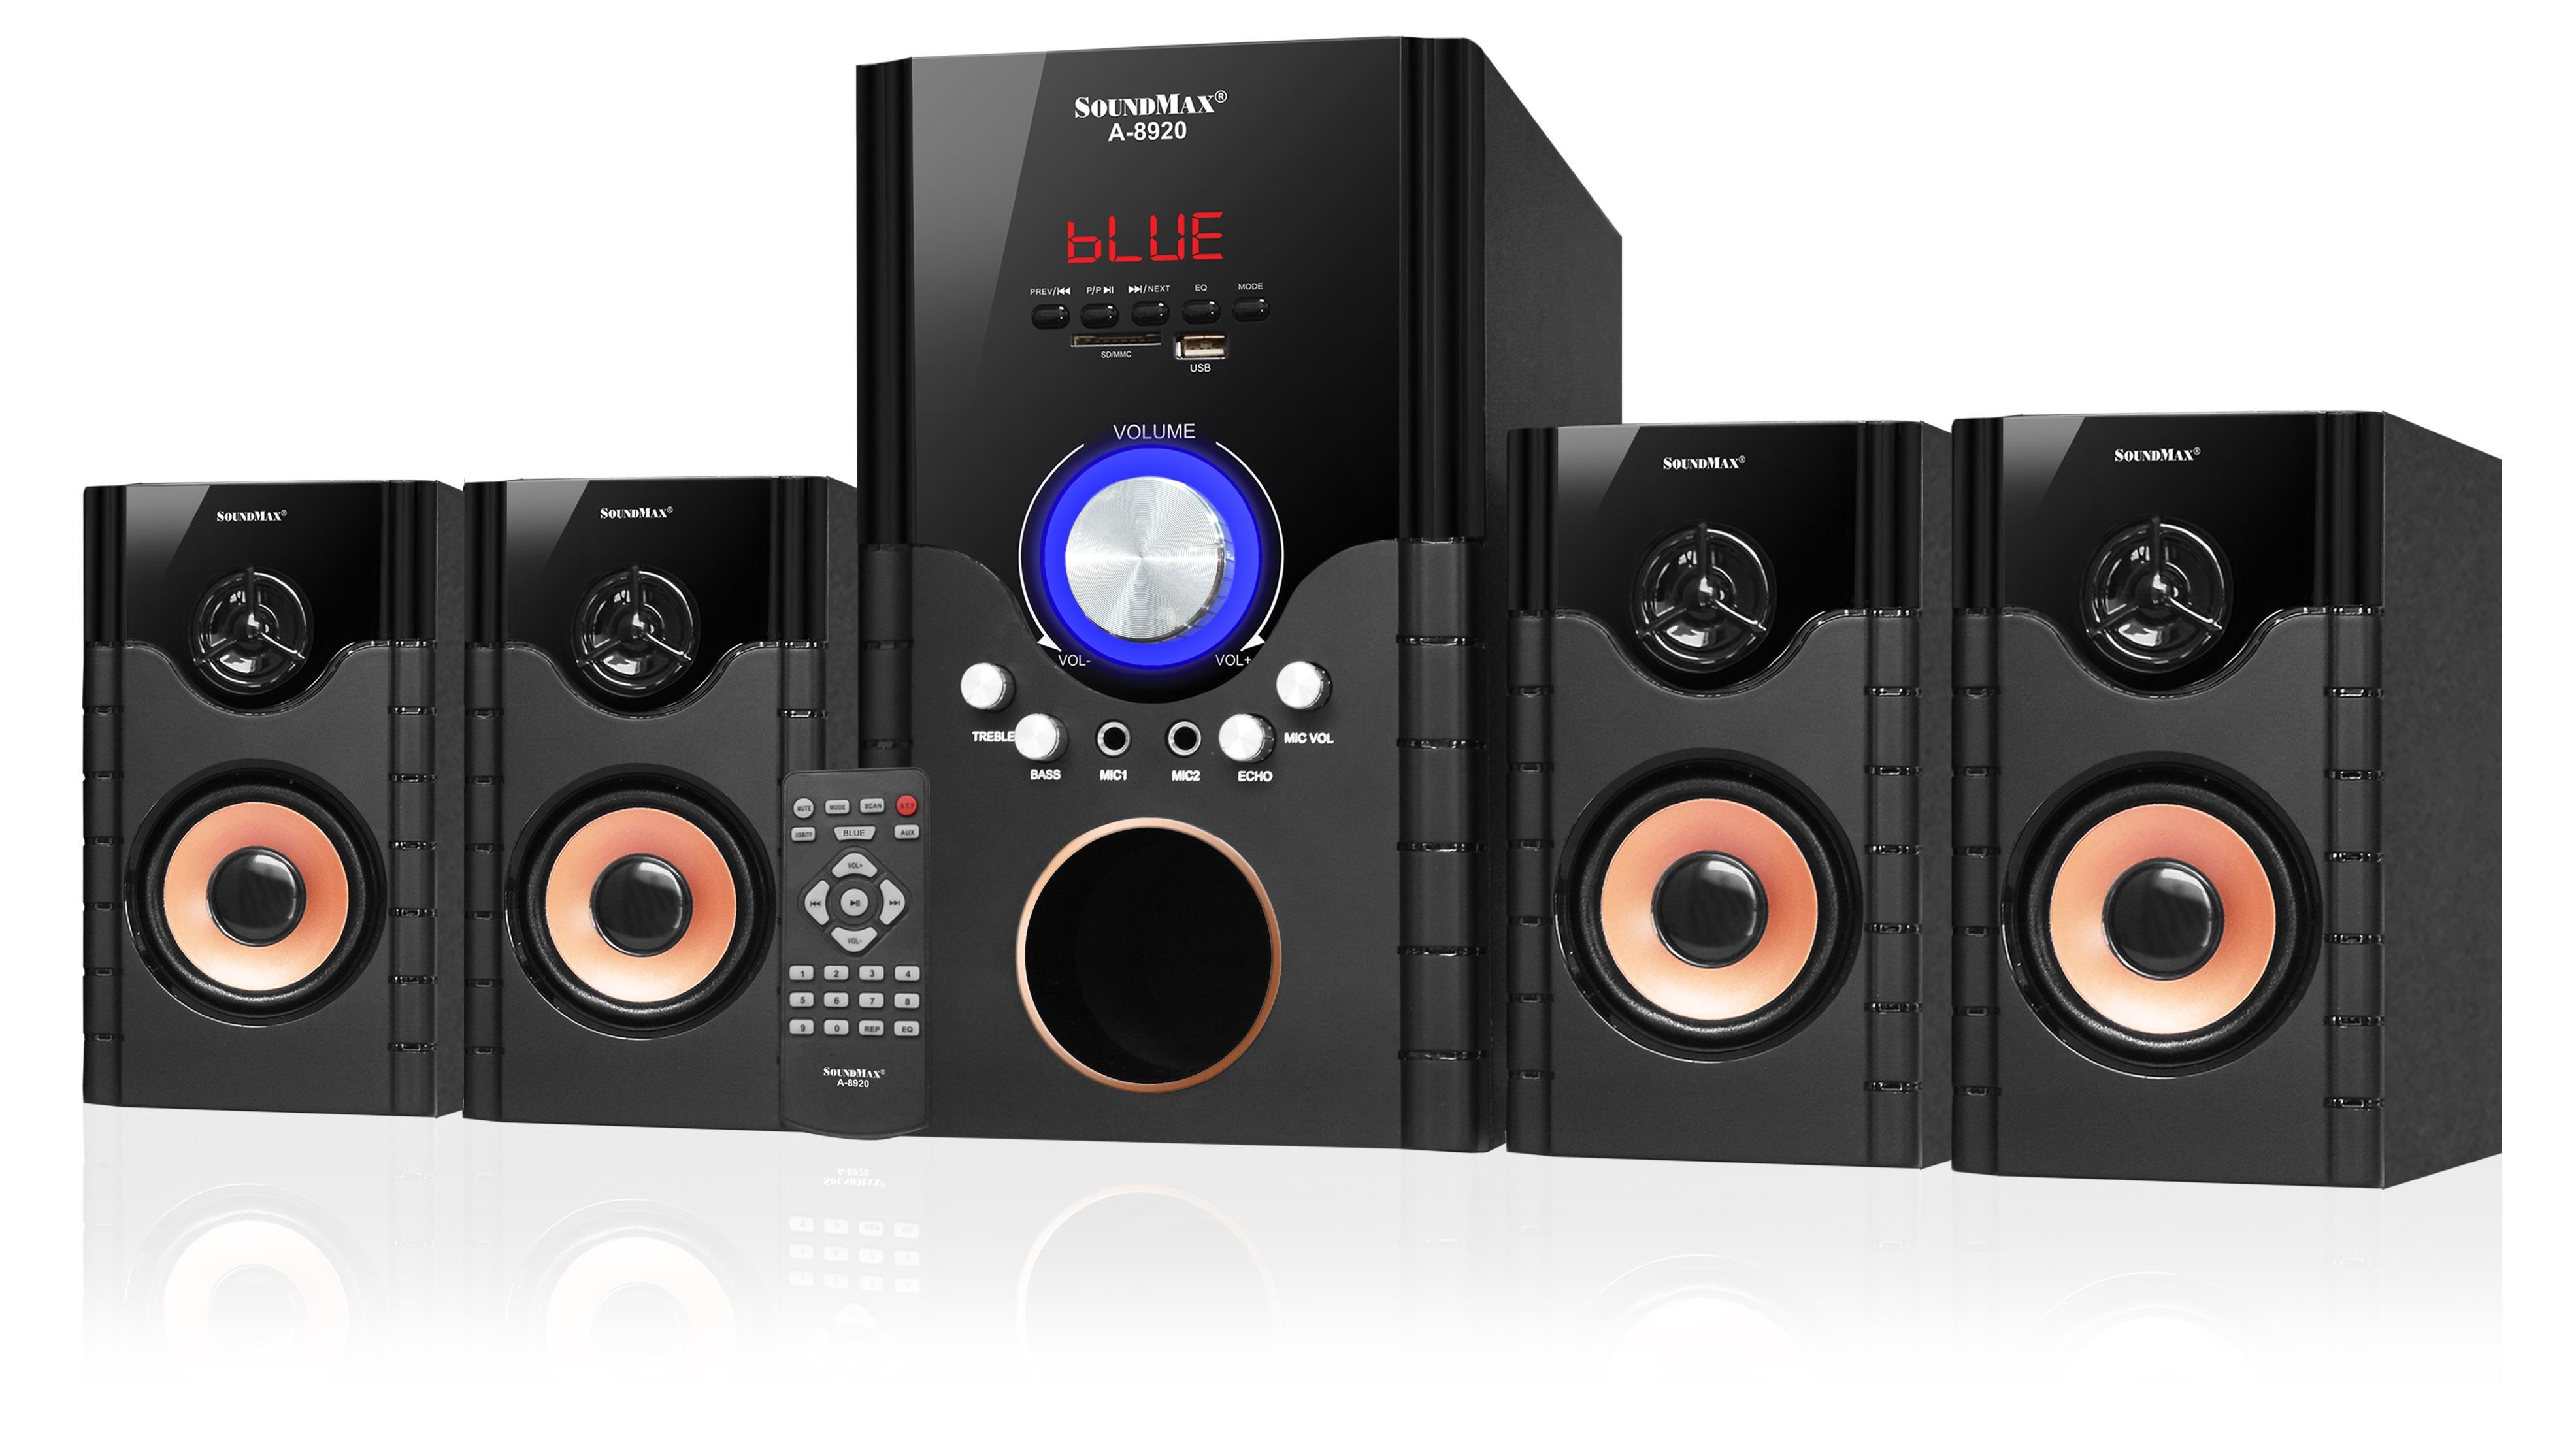 [Mẫu Siêu Hót 2021] loa Soundmax A8920, Loa Vi Tính Bluetooth Giá Rẻ Loa Mini Để Bàn Cao Cấp Loa Xách Tay,  Công Suất 70w Hỗ Trợ Usb Thẻ Tf, Loa 4.1, Giúp Âm Bass Uy Lực Kèm 4 Loa Vệ Tinh Âm Thanh Mạnh Mẽ Trong Sáng Nghe Rât Đã Bh 12 Th